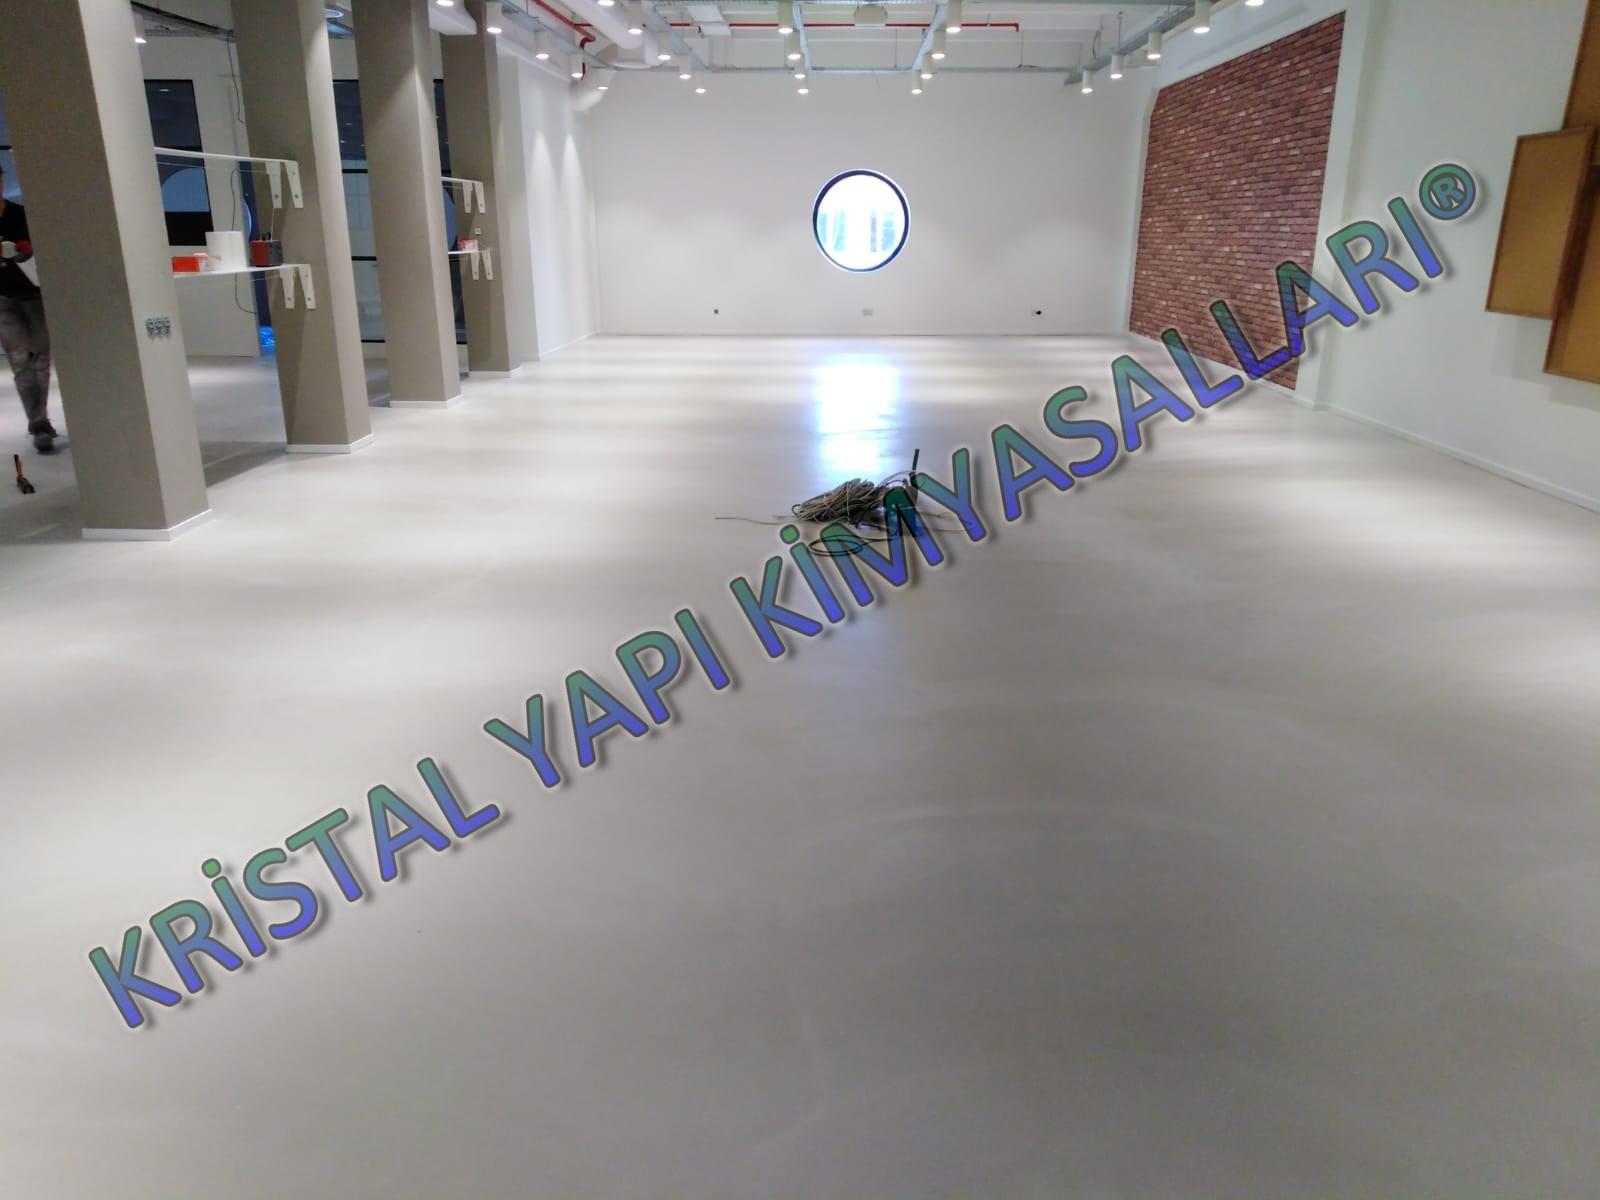 flooropal mtop mikrobeton, dekoratif zemin kaplama uygulaması, mikrobeton fiyatları , mikrobeton renkleri , mikrobeton fiyatları , flooropal Mtop Nedir